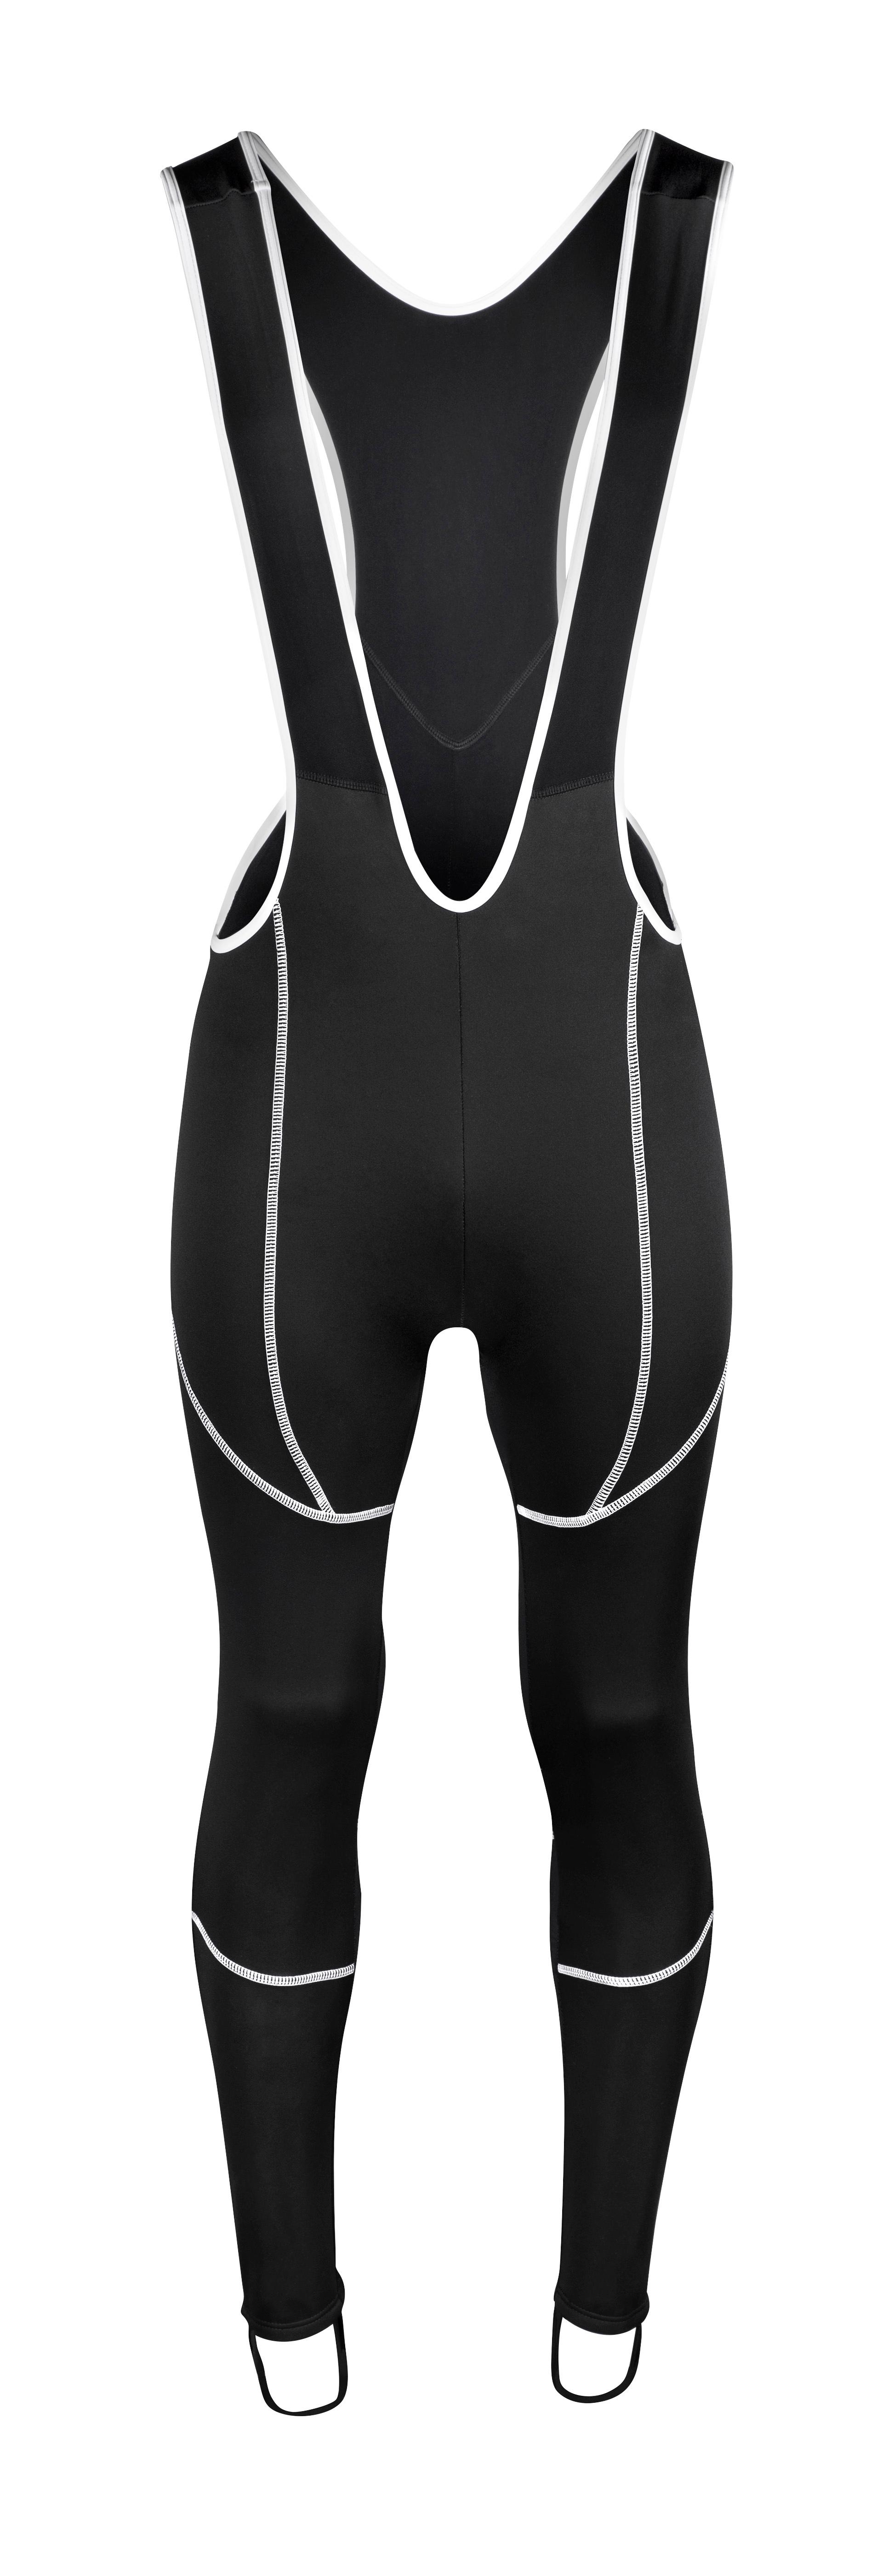 kalhoty FORCE Z70 SOFTSHELL se šráky bez vložky, črn S